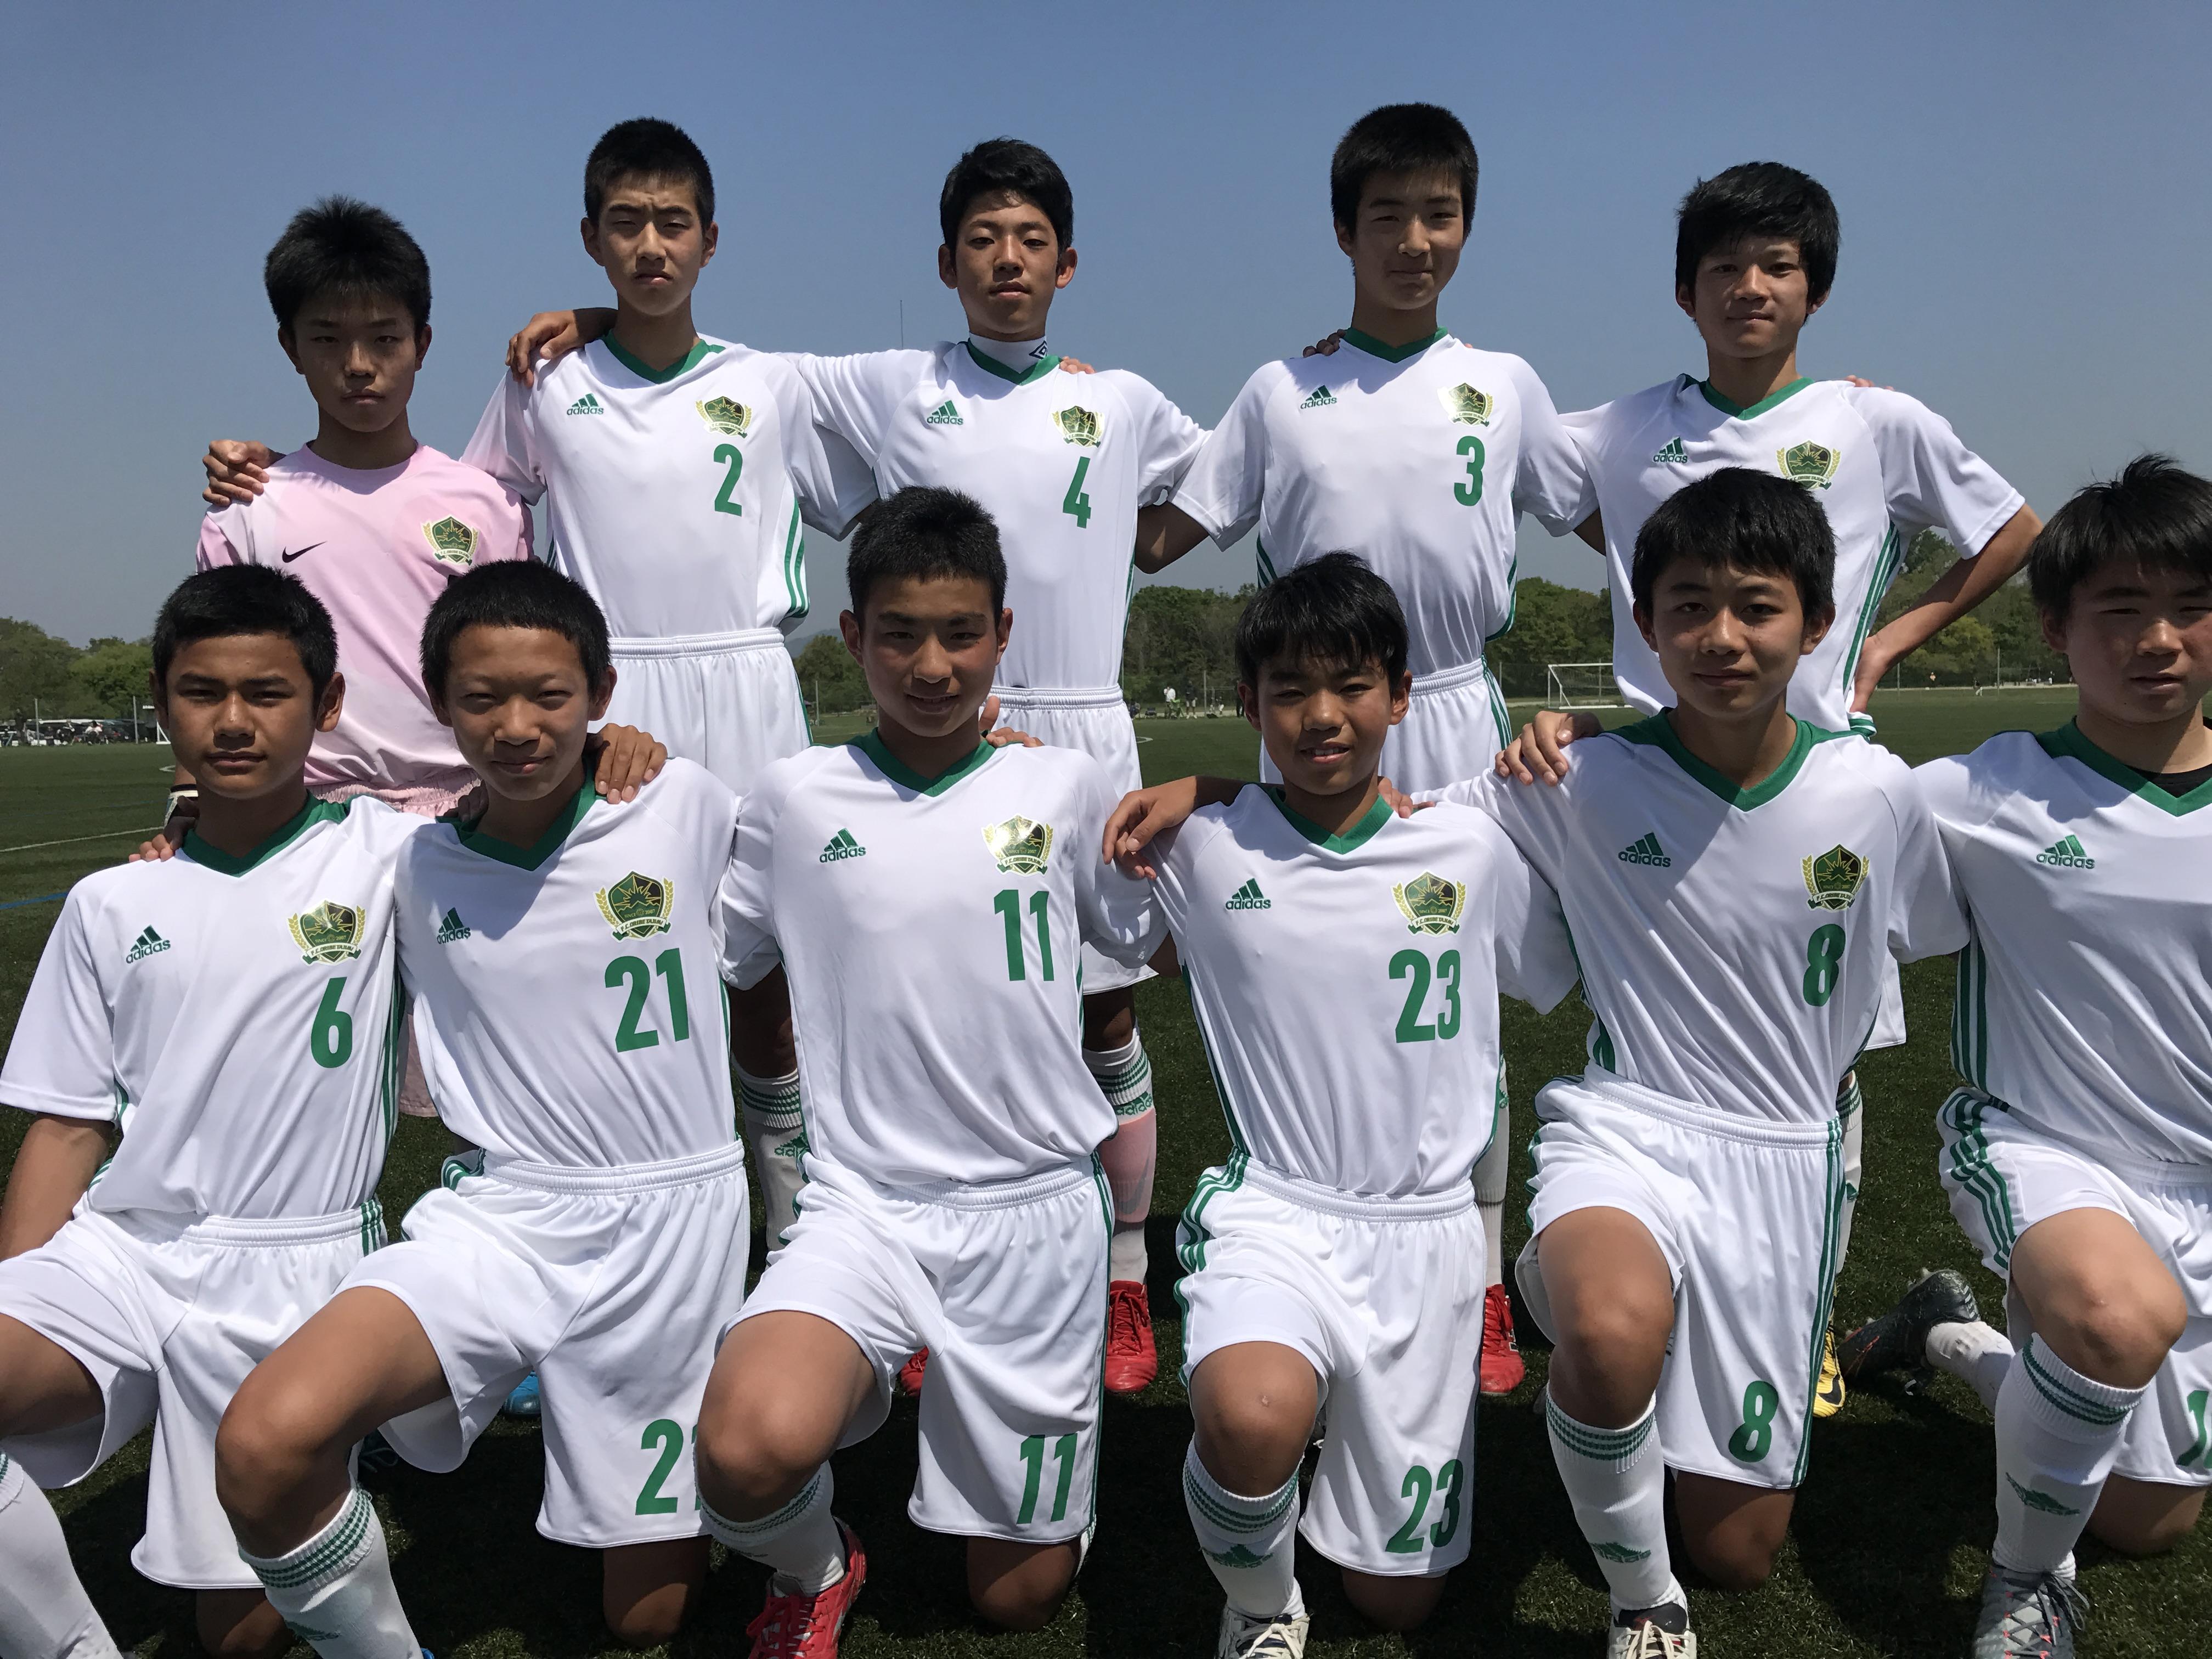 FCオリベ多治見JrユースAチーム 2018年度岐阜県U15リーグ1部結果